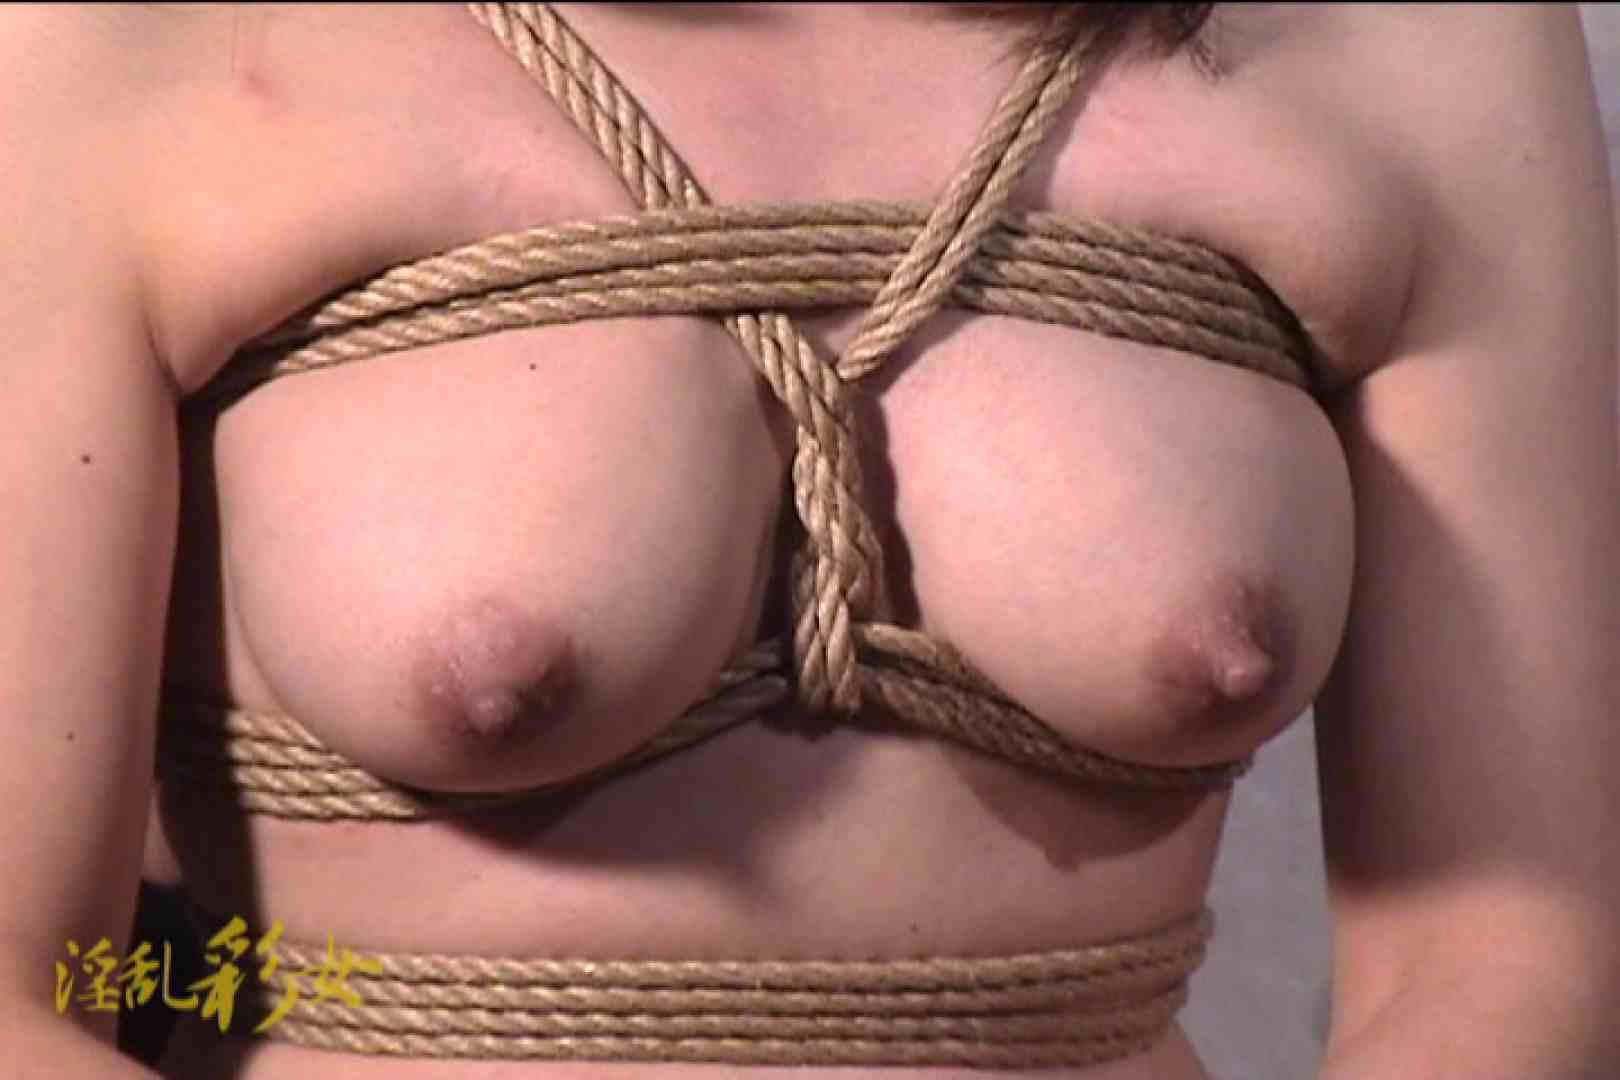 淫乱彩女 麻優里 スタジオで撮影 緊縛 | ギャル達のおっぱい  80画像 29